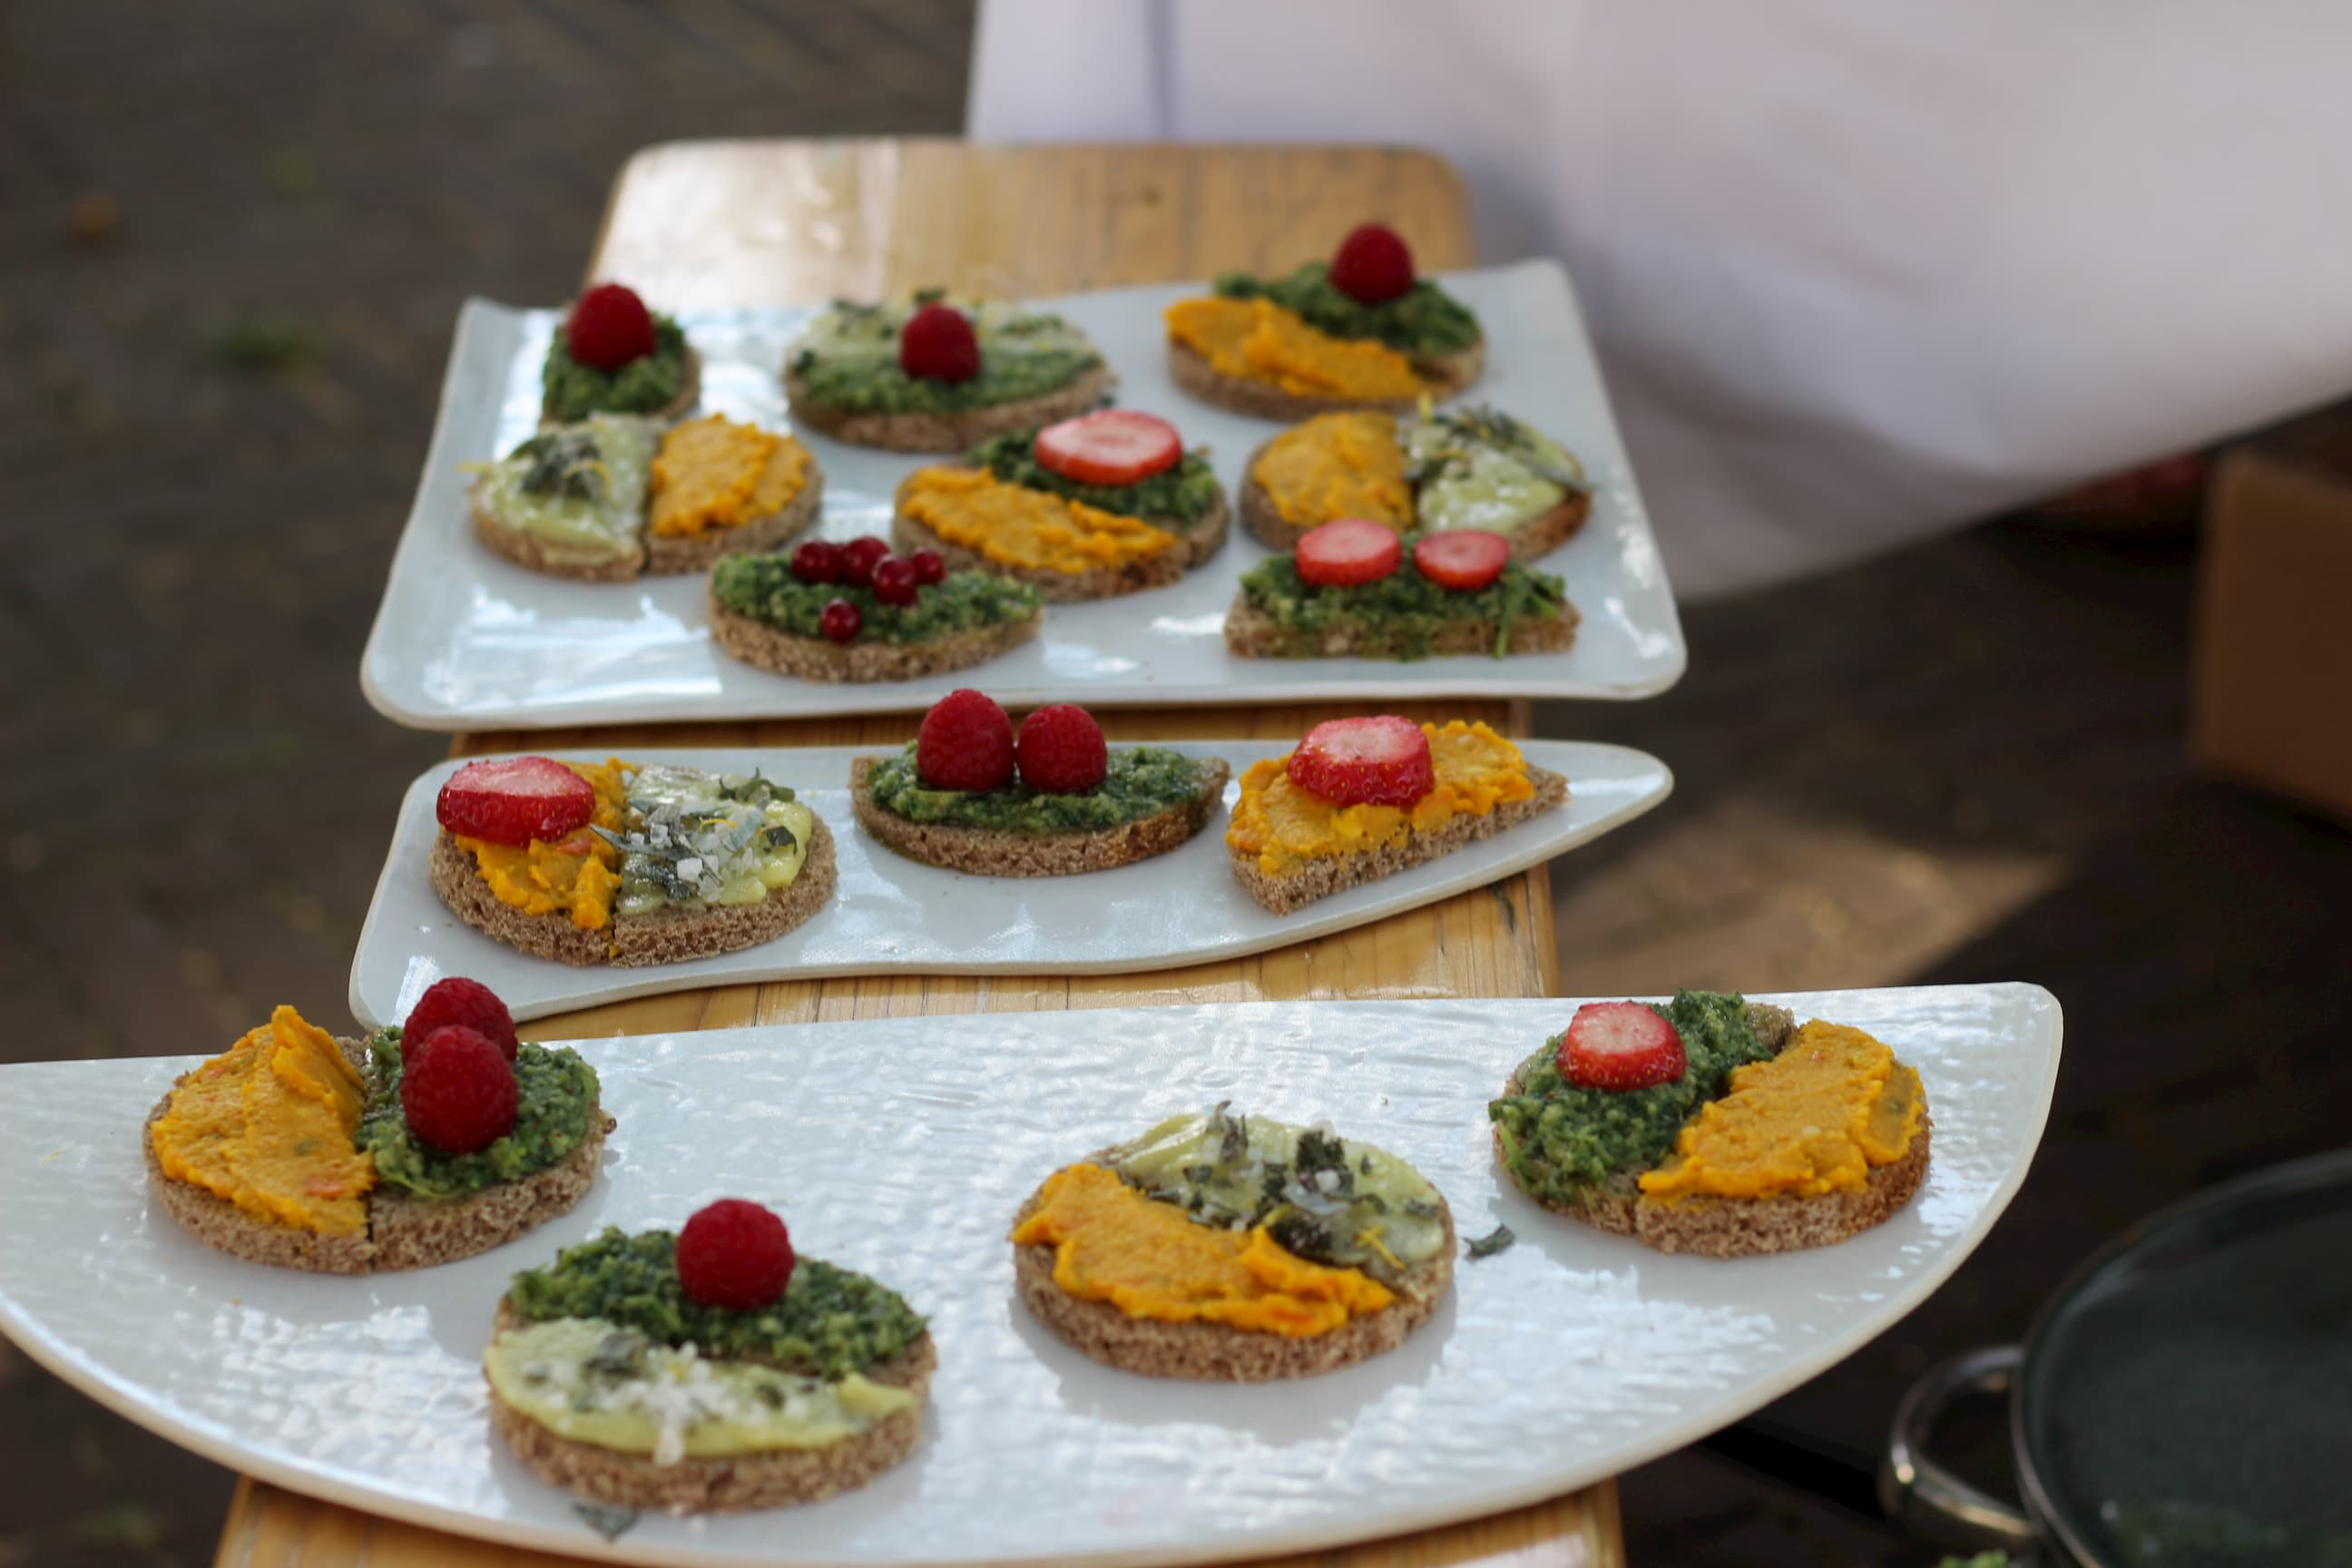 Schnittchen mit verschiedenen Aufstrichen und Erdbeeren als Garnierung.